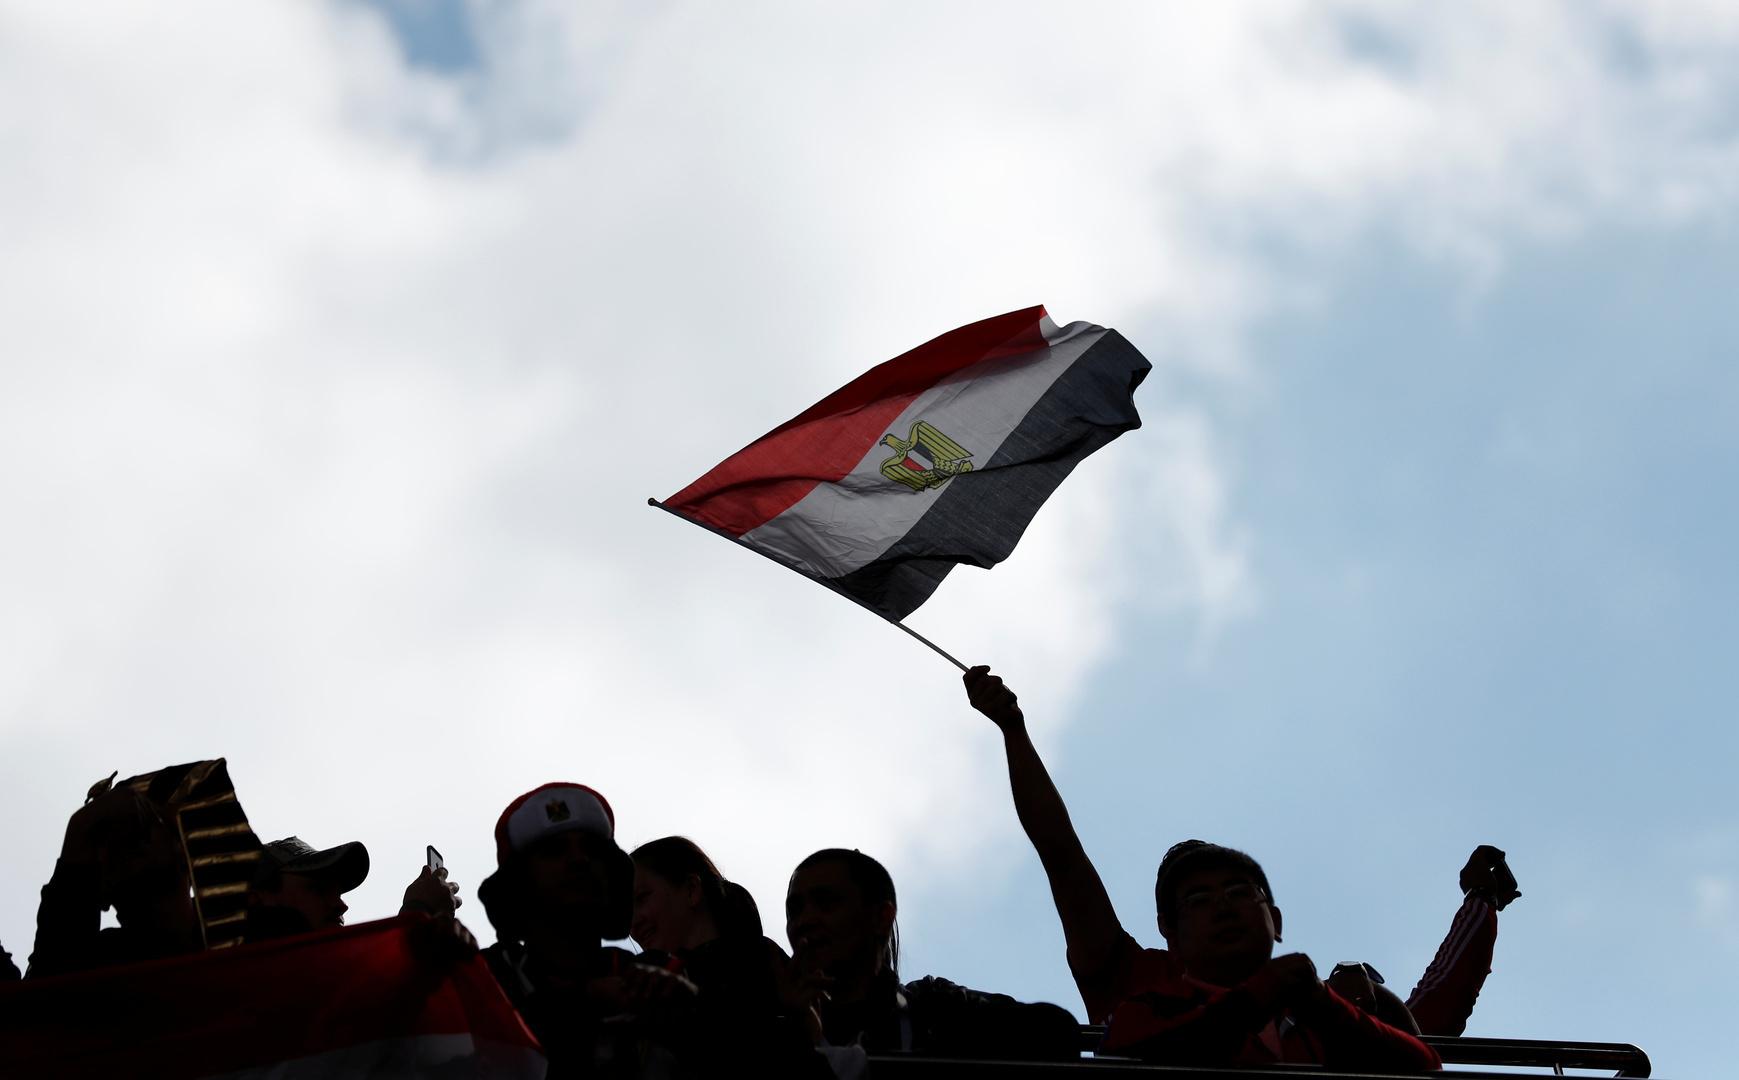 وزارة الهجرة المصرية تعلن إعادة مواطن مصري من الإمارات لعلاجه